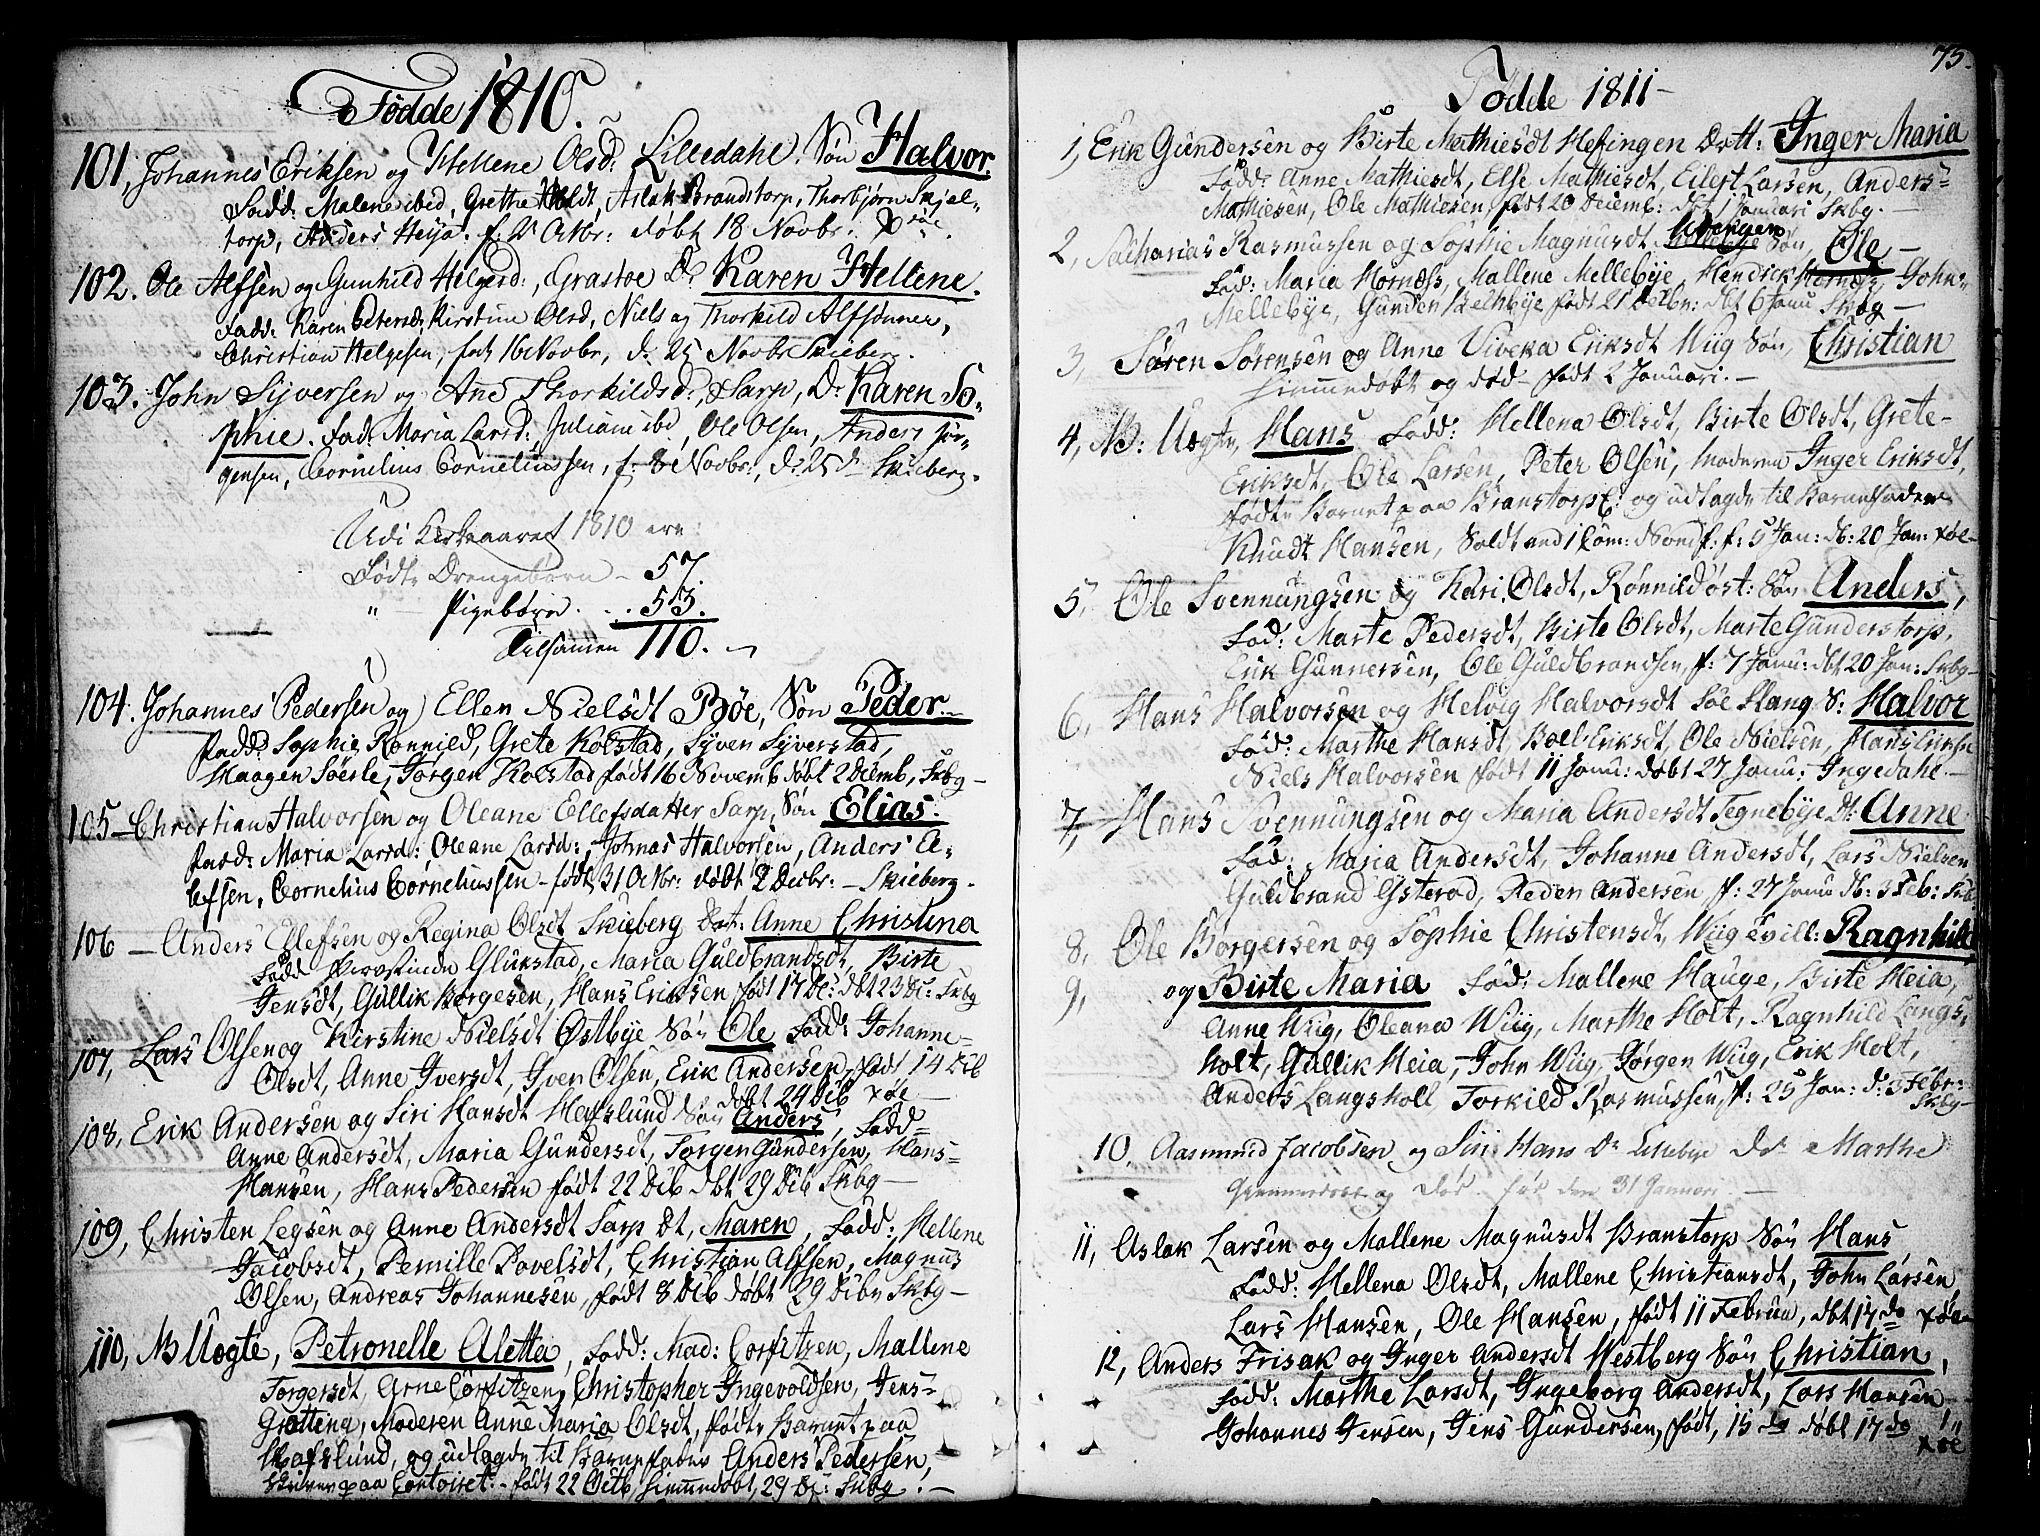 SAO, Skjeberg prestekontor Kirkebøker, F/Fa/L0003: Ministerialbok nr. I 3, 1792-1814, s. 75